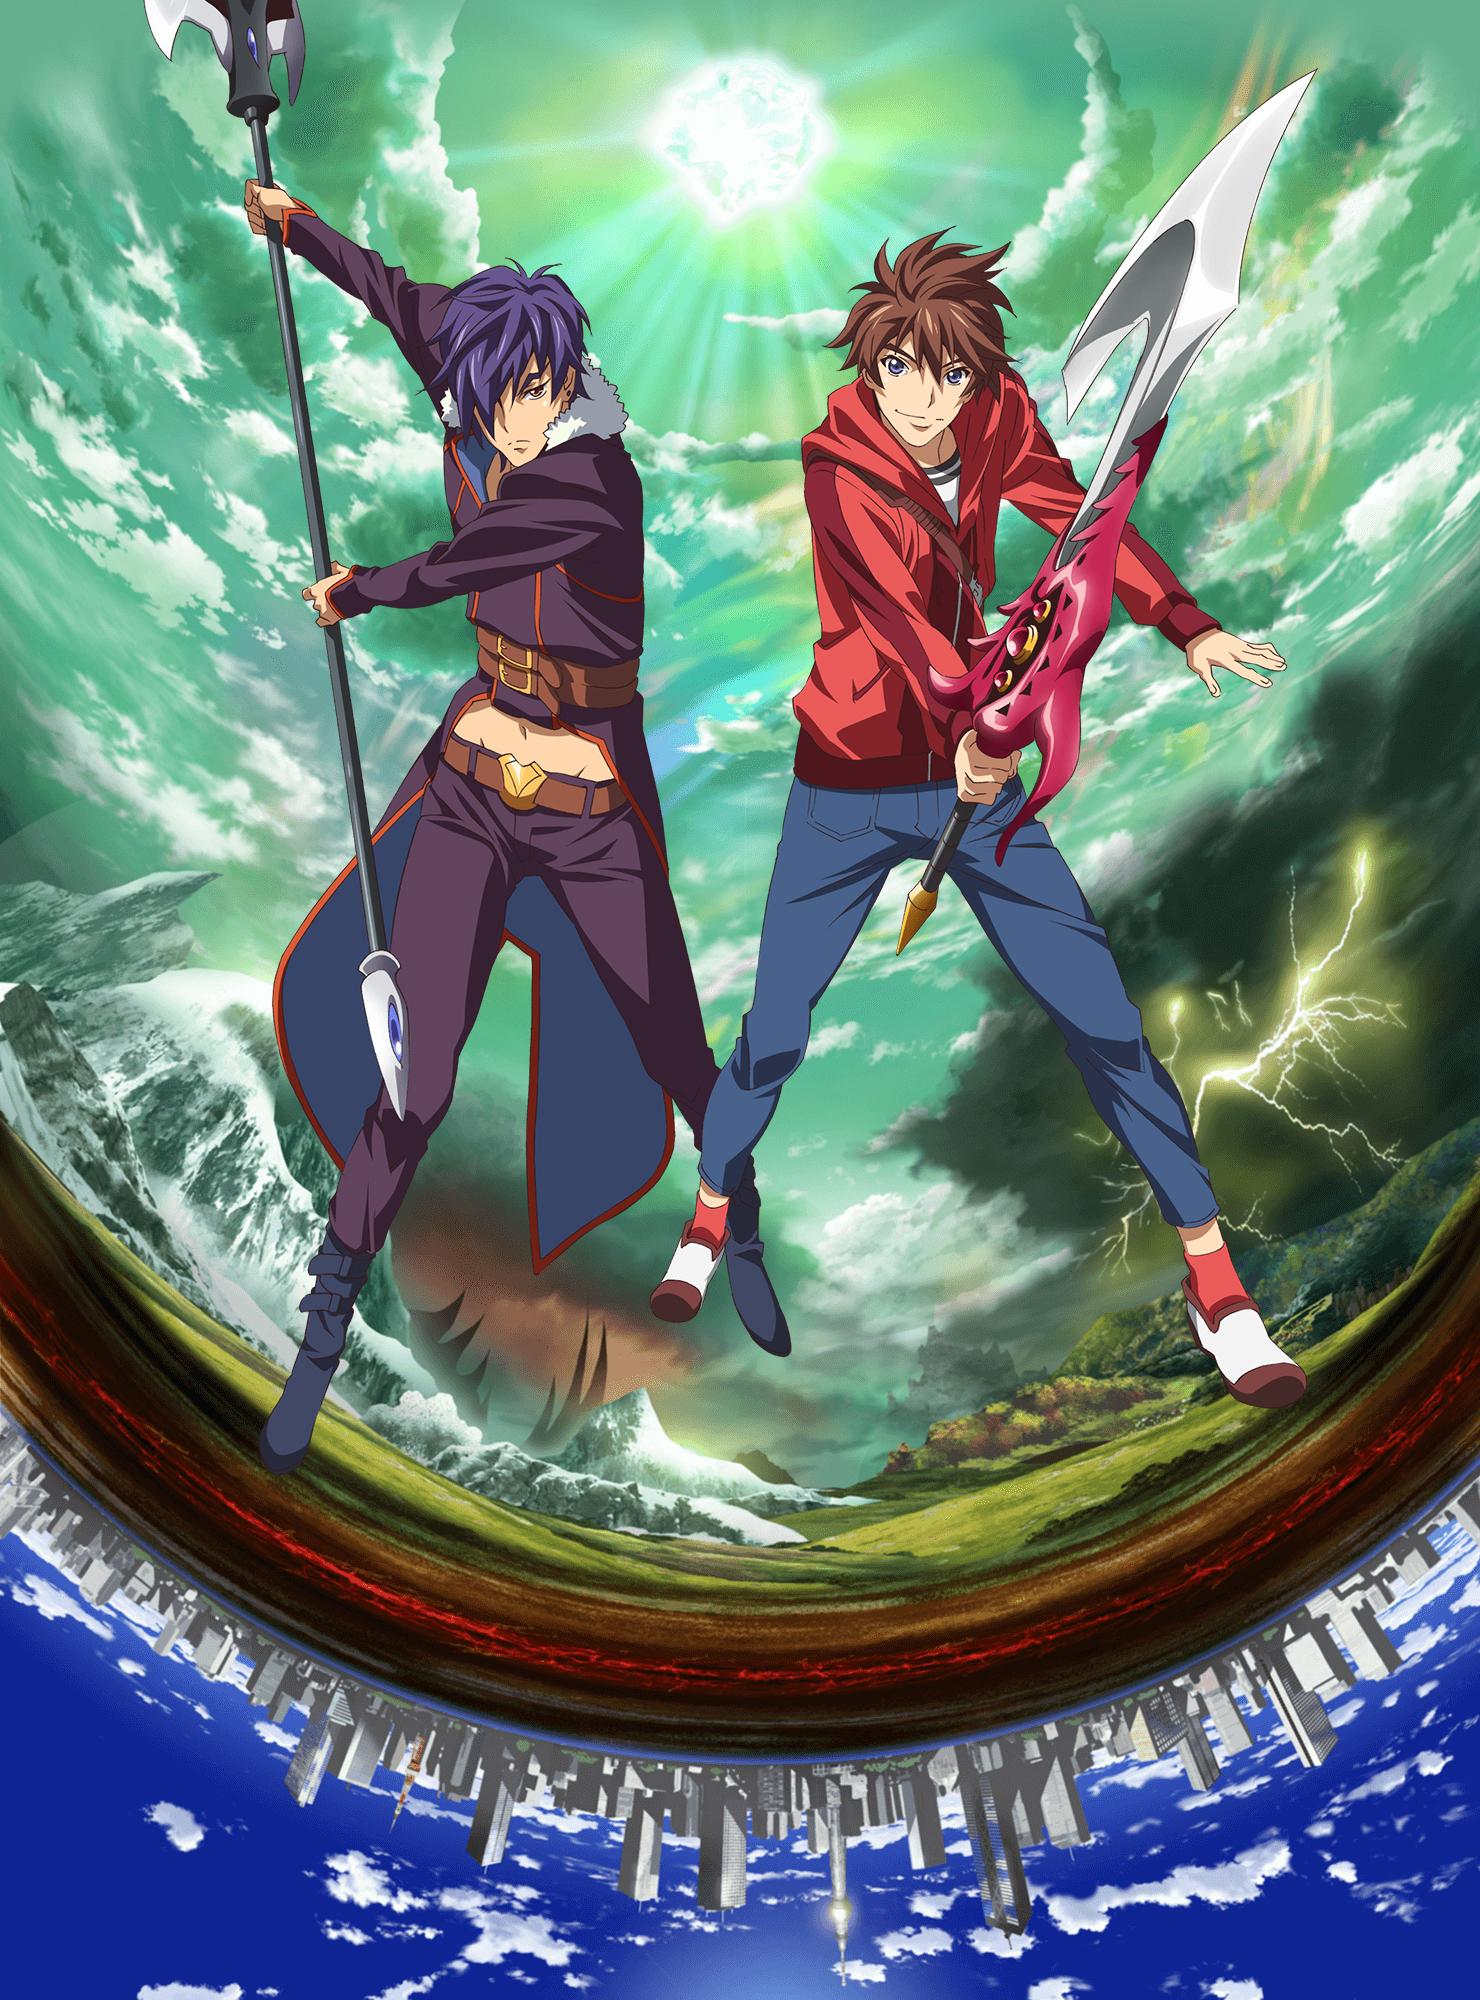 160128(3) -「和月伸宏×萩原一至×後藤圭二」打造4月科幻動畫《エンドライド》發表海報&第一批聲優!